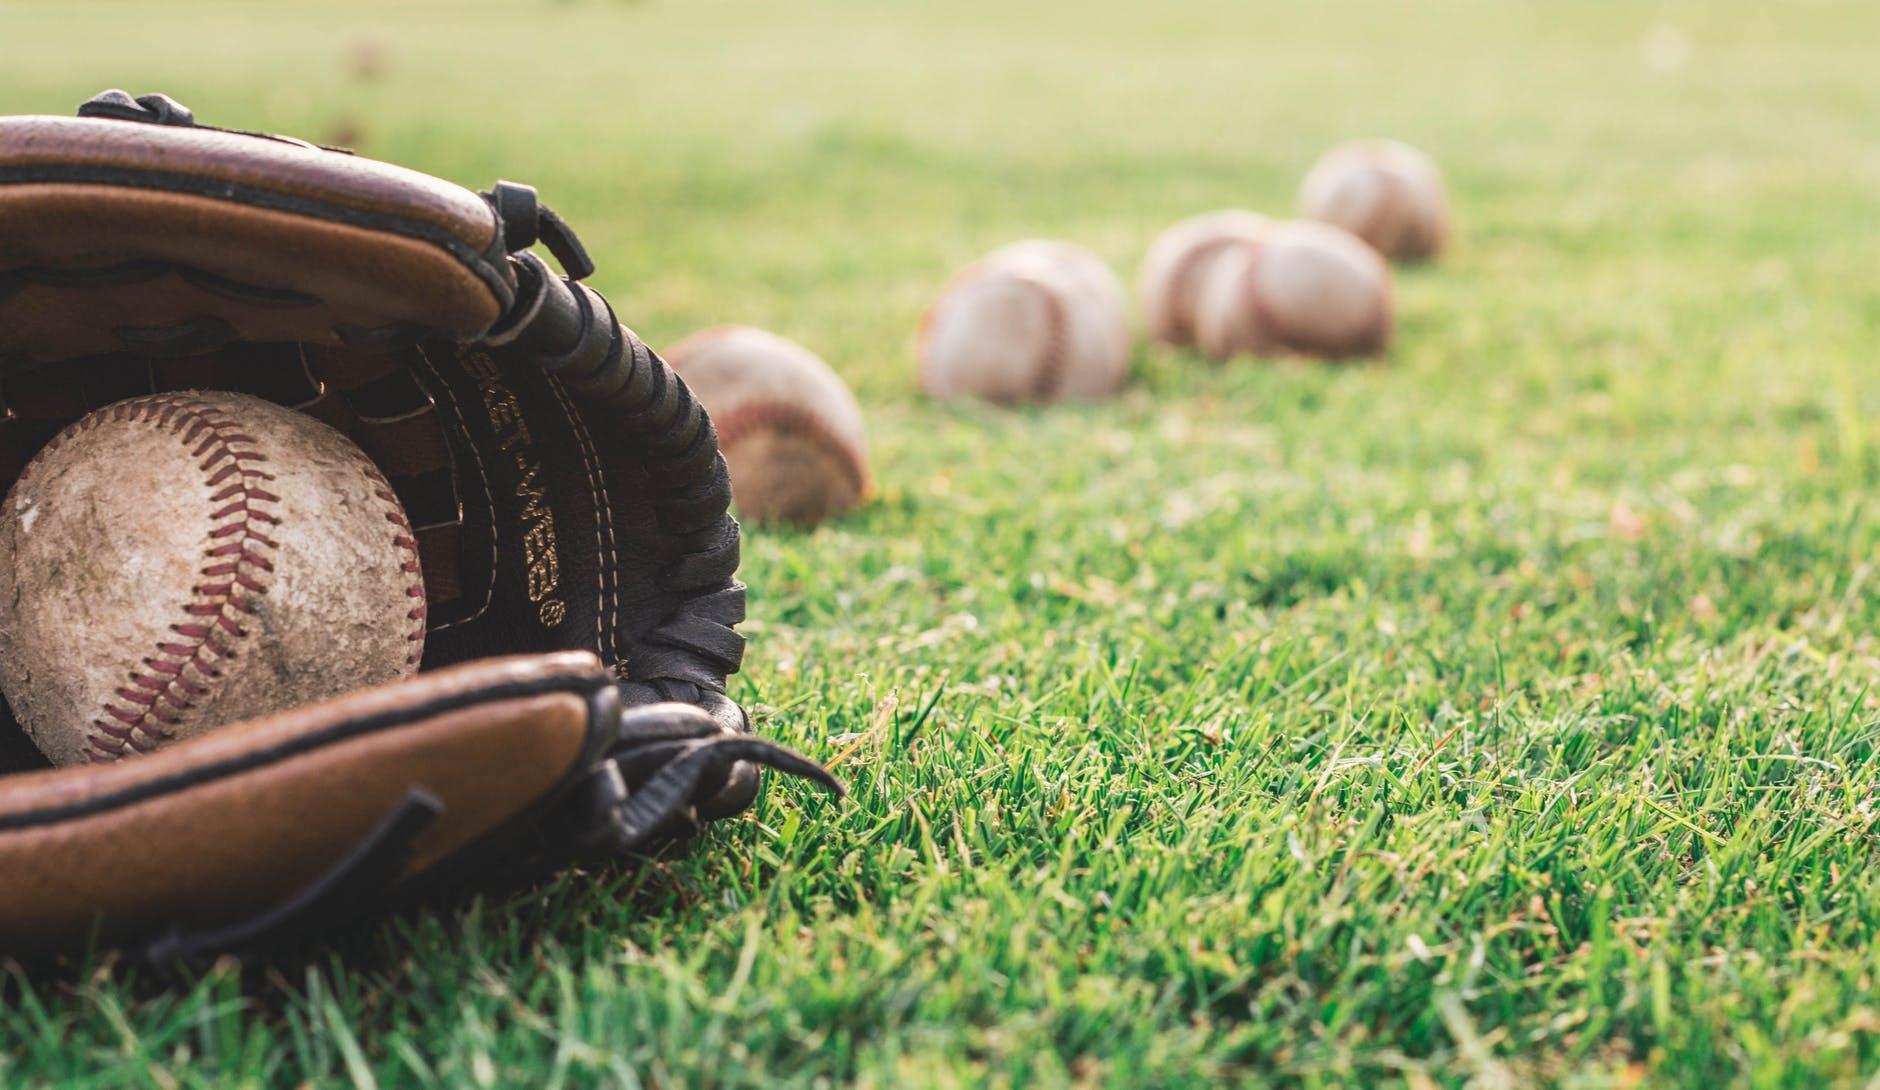 white baseball ball on brown leather baseball mitt